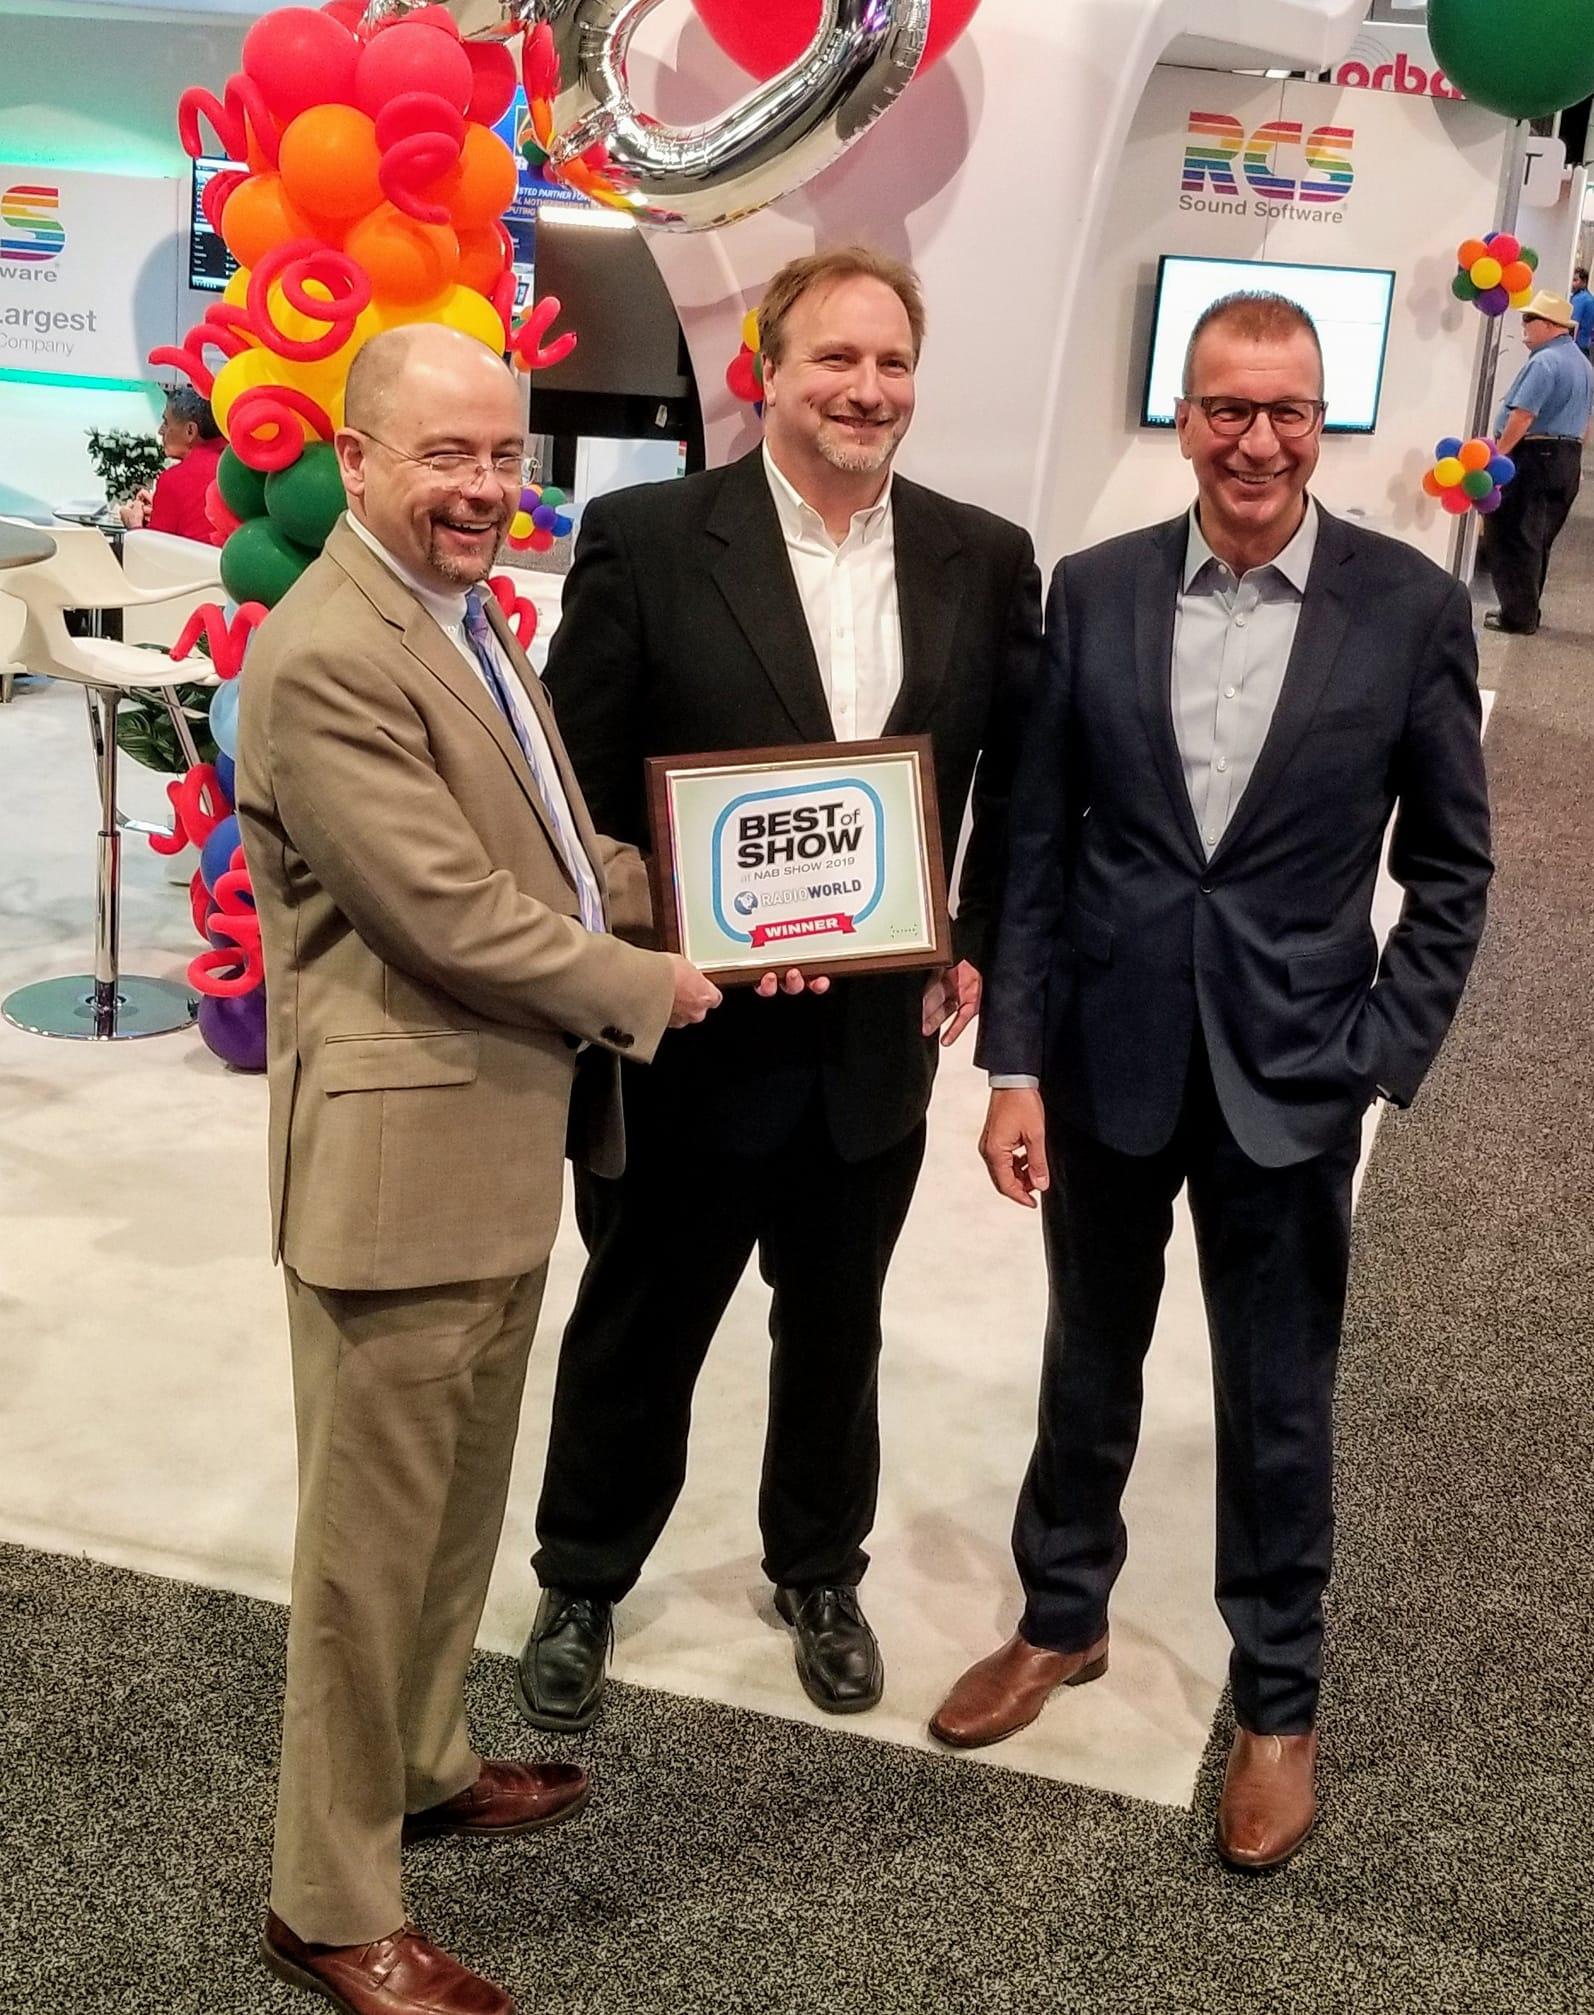 Le prix Future Best of Show décerné le directeur général de Radio World, Paul McLane. Chip Jellison et le président-directeur général de RCS, Philippe Generali.